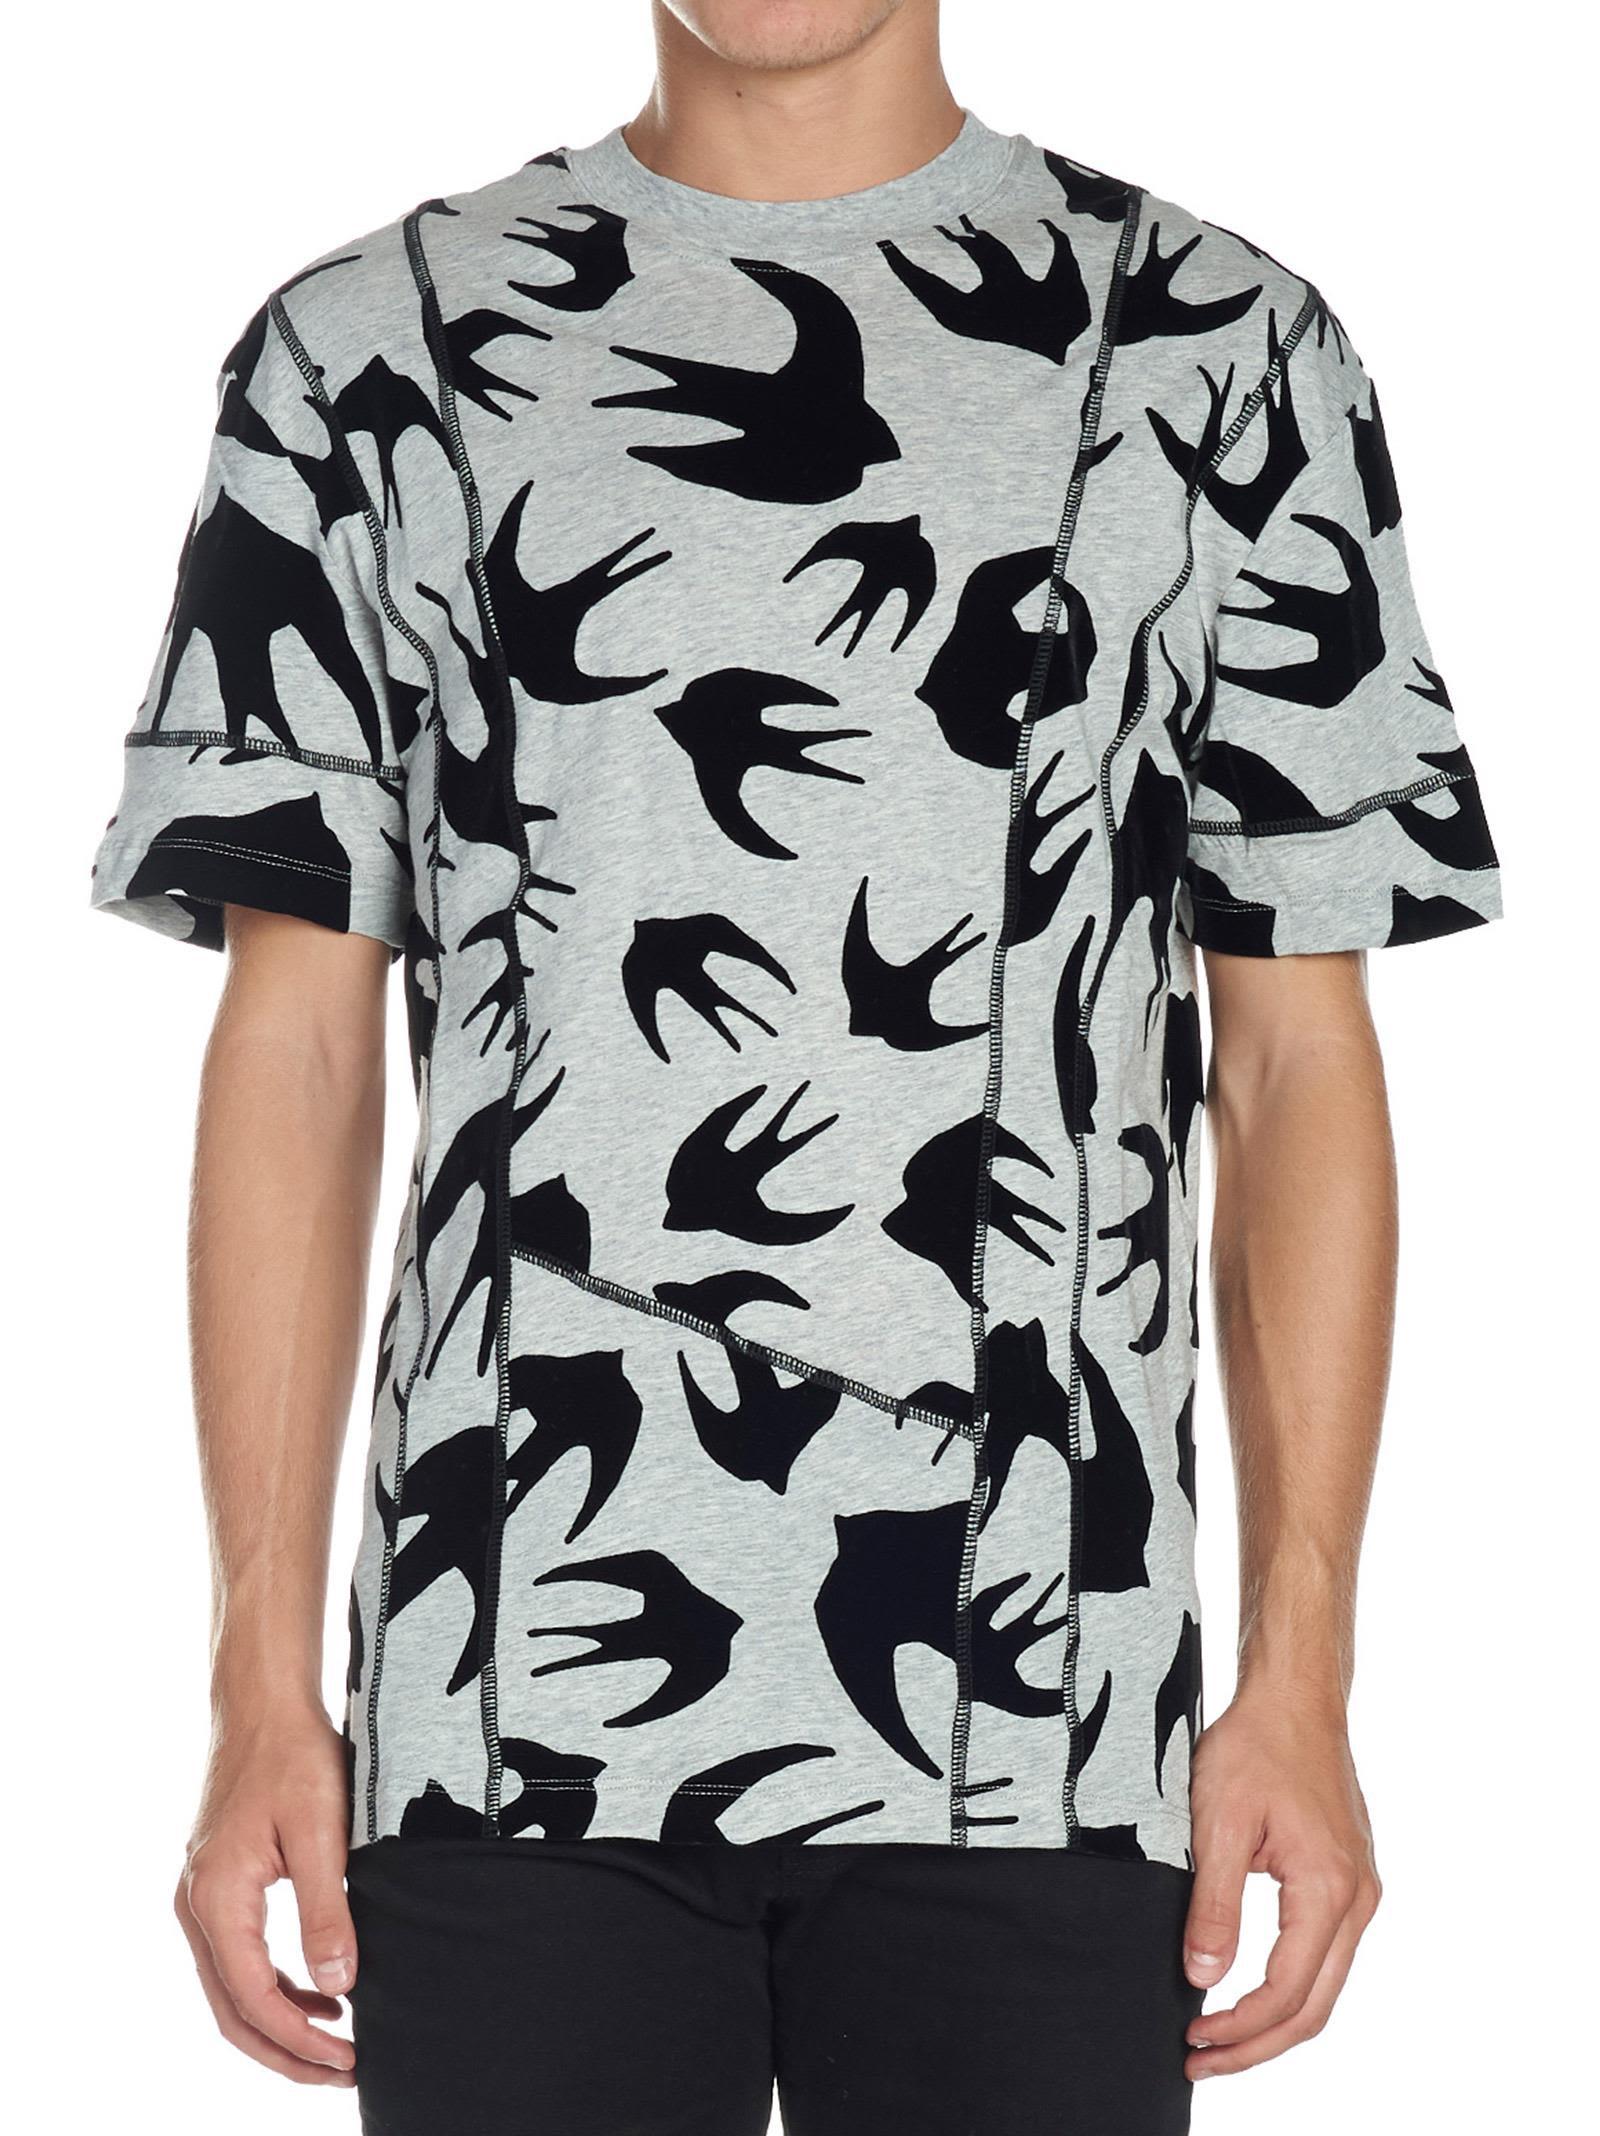 3b650f82f3a744 Mcq By Alexander Mcqueen Mcq Alexander Mcqueen 'Swallow' T-Shirt In ...